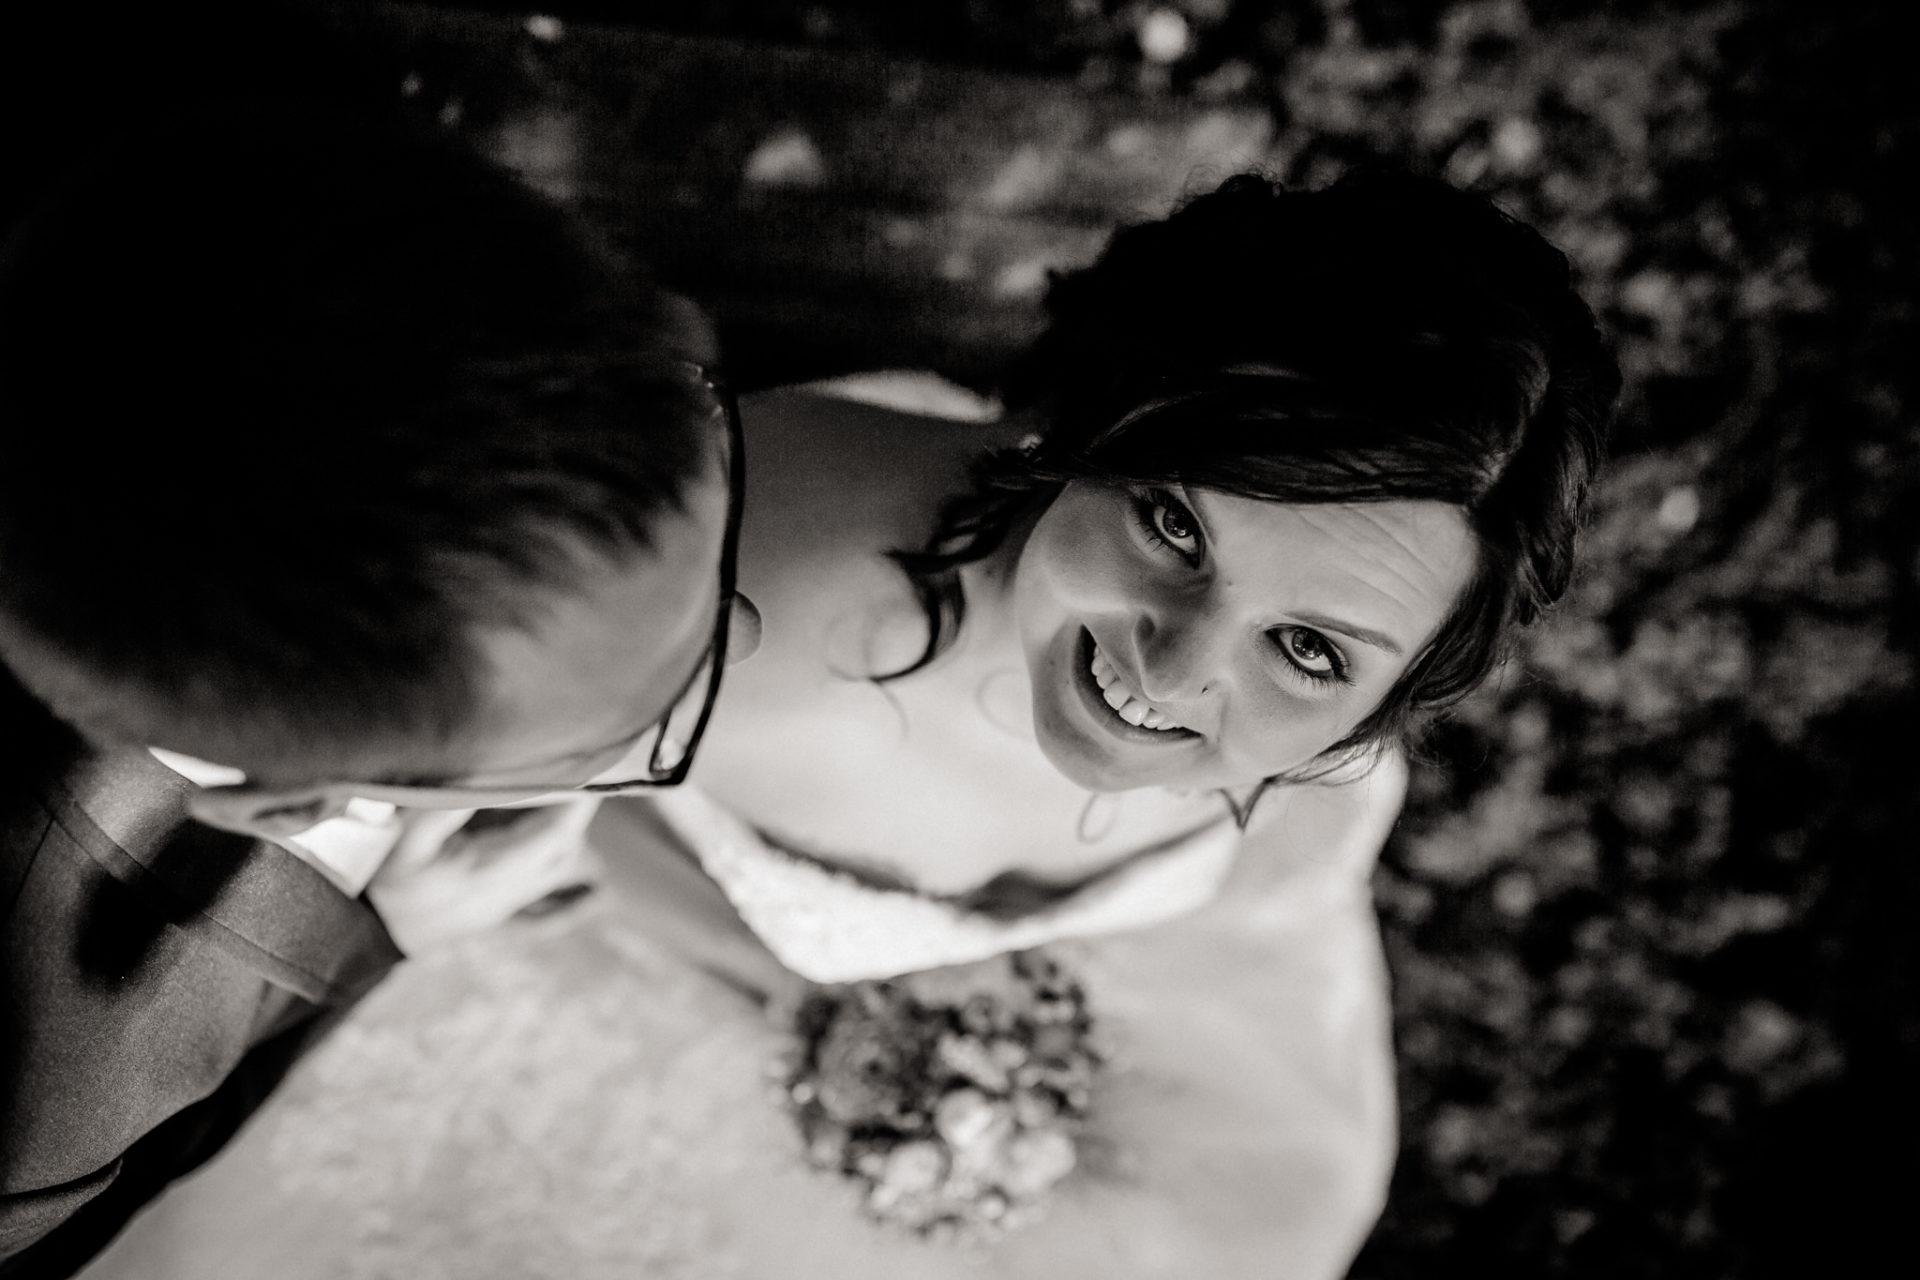 hochzeitsfotograf schloss heinsheim-elegant heiraten-Schafstall Heinsheim-Natürliche Portraits-schwarzweiß-Braut und Bräutigam